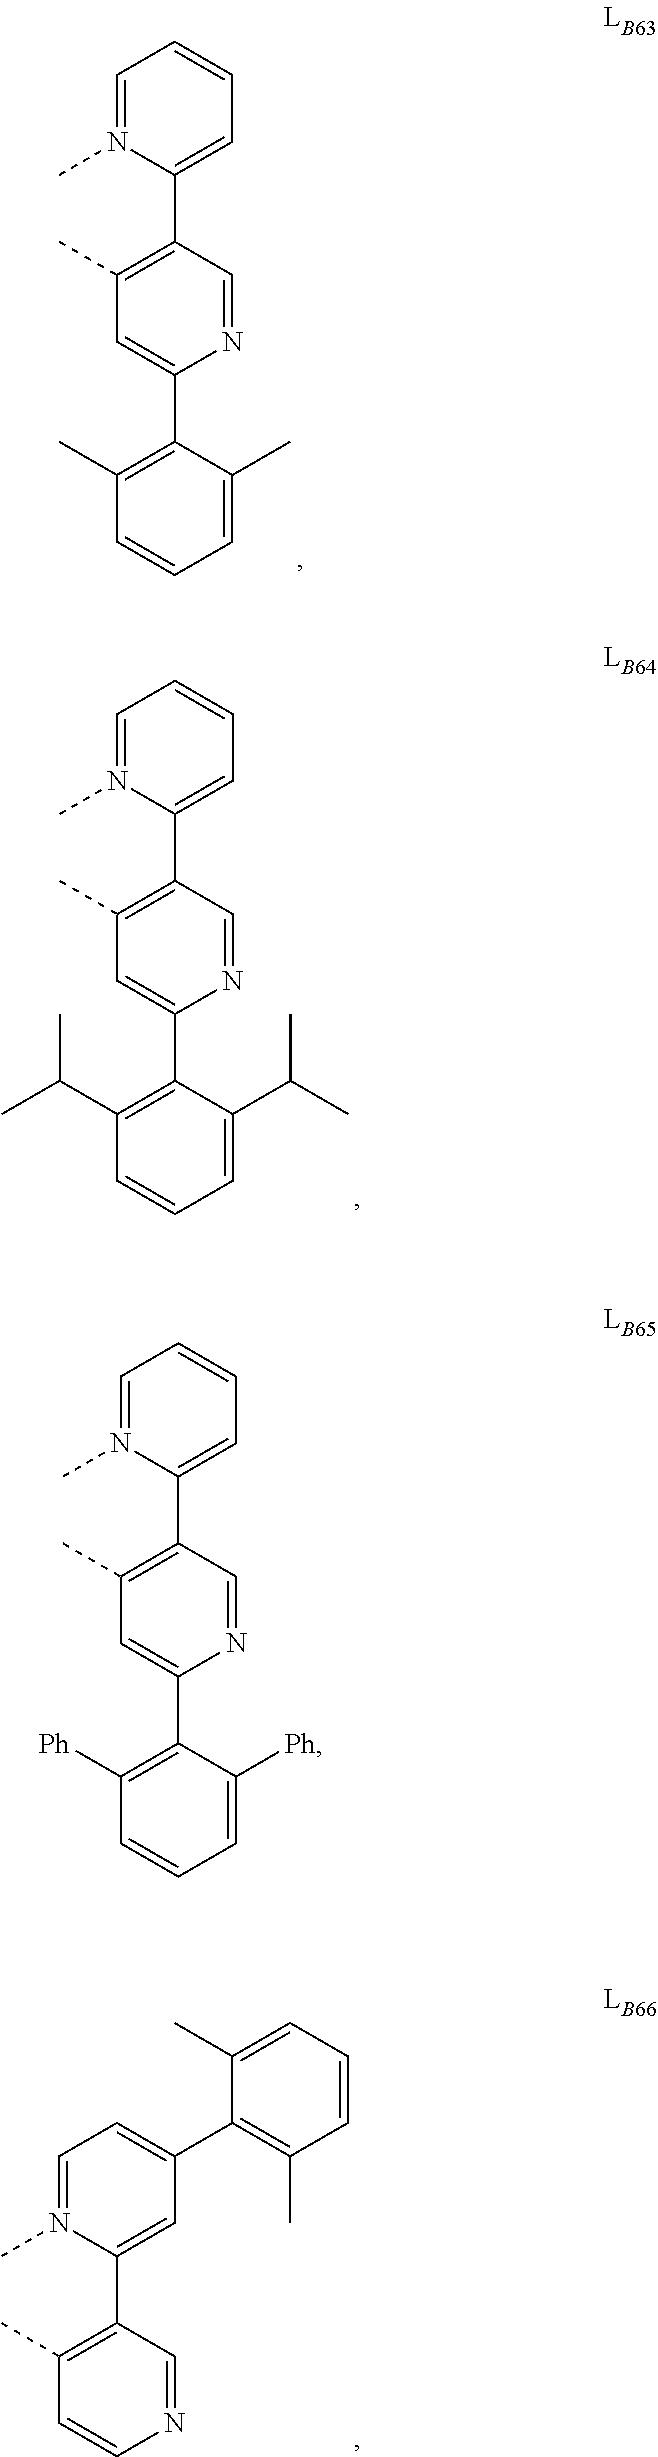 Figure US09905785-20180227-C00571